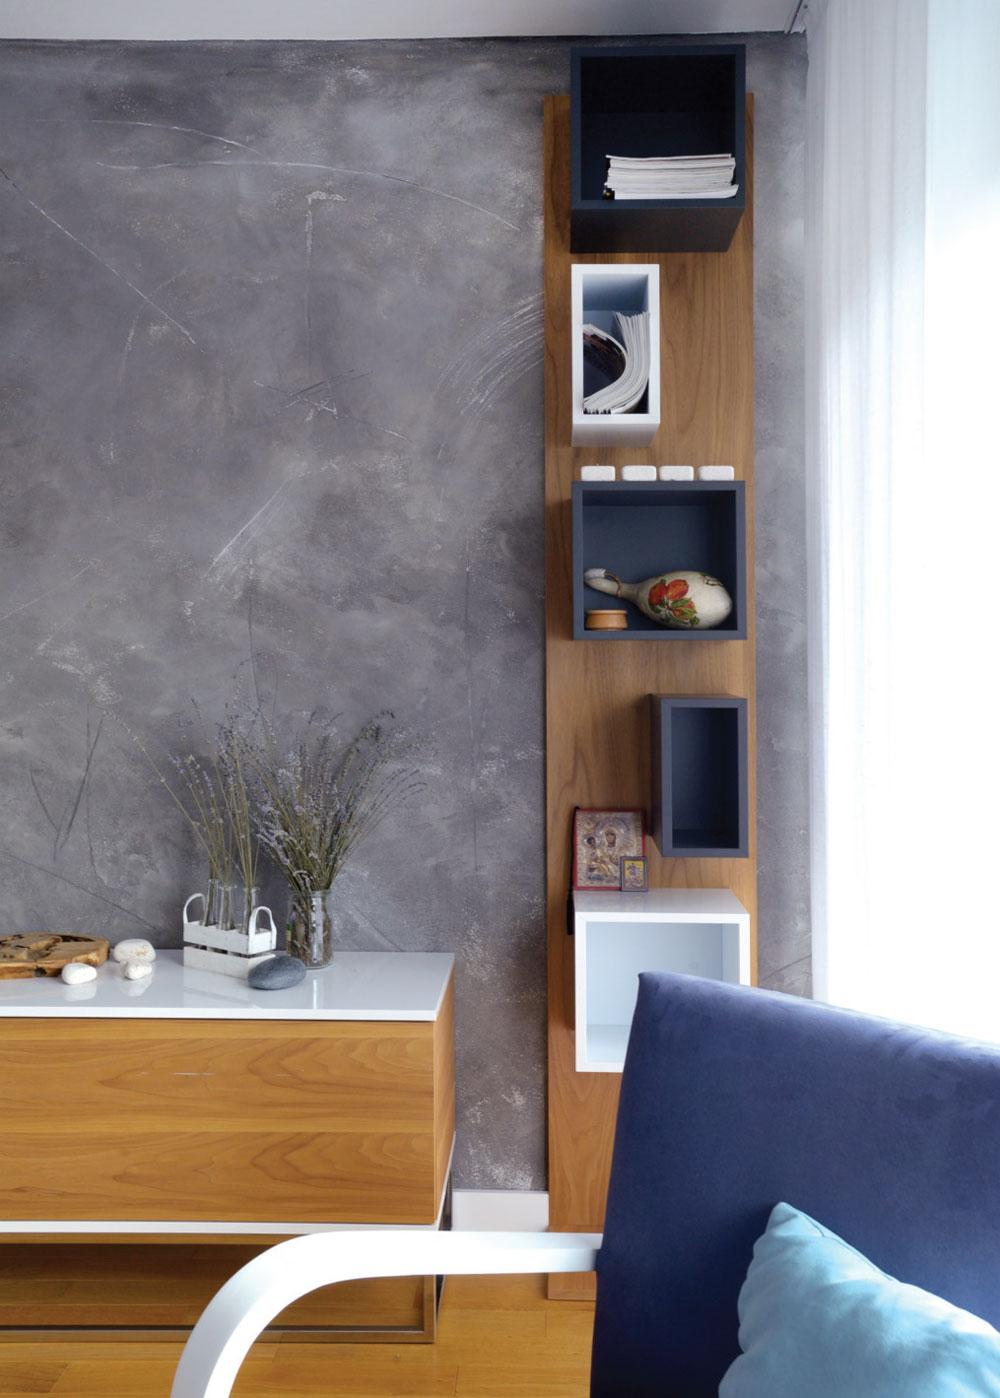 680-glavni-elementi-enterijera-su-zidovi-od-kamena-opeke-betonskih-blokova